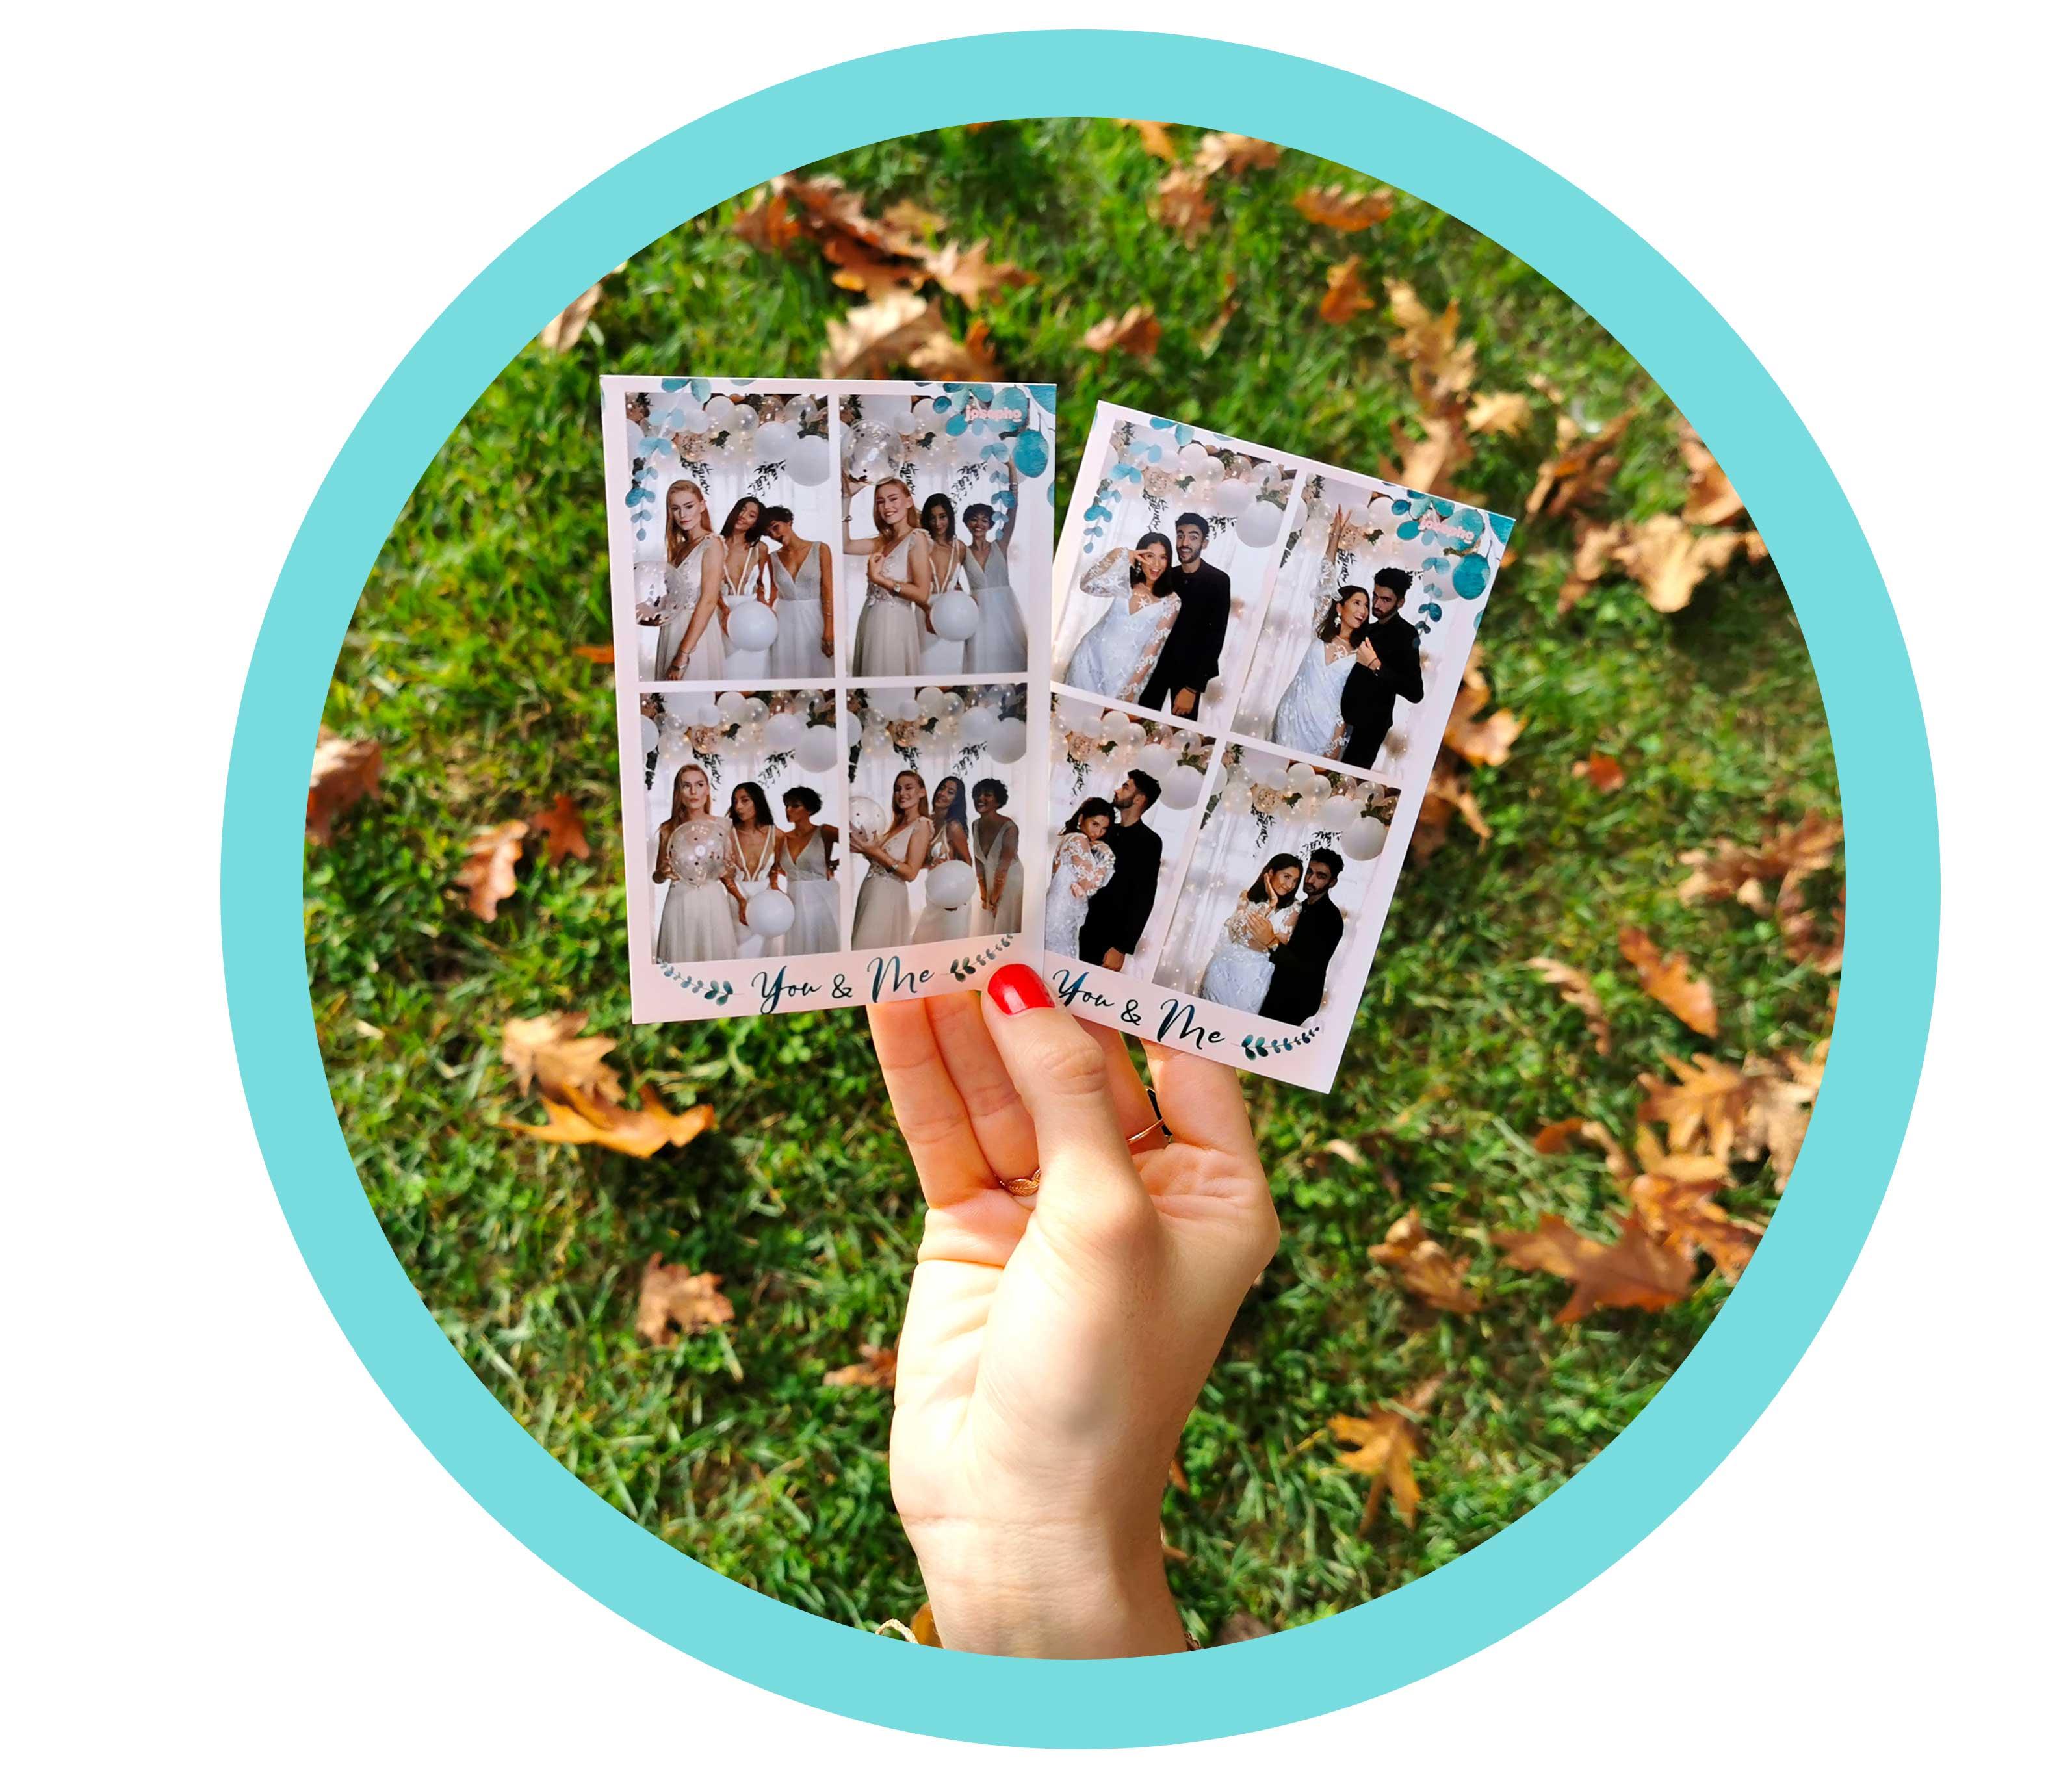 Une main tient deux photos imprimées par le photobooth / photomaton Josepho lors d'un mariage. Les photos imprimées sont personnalisées.